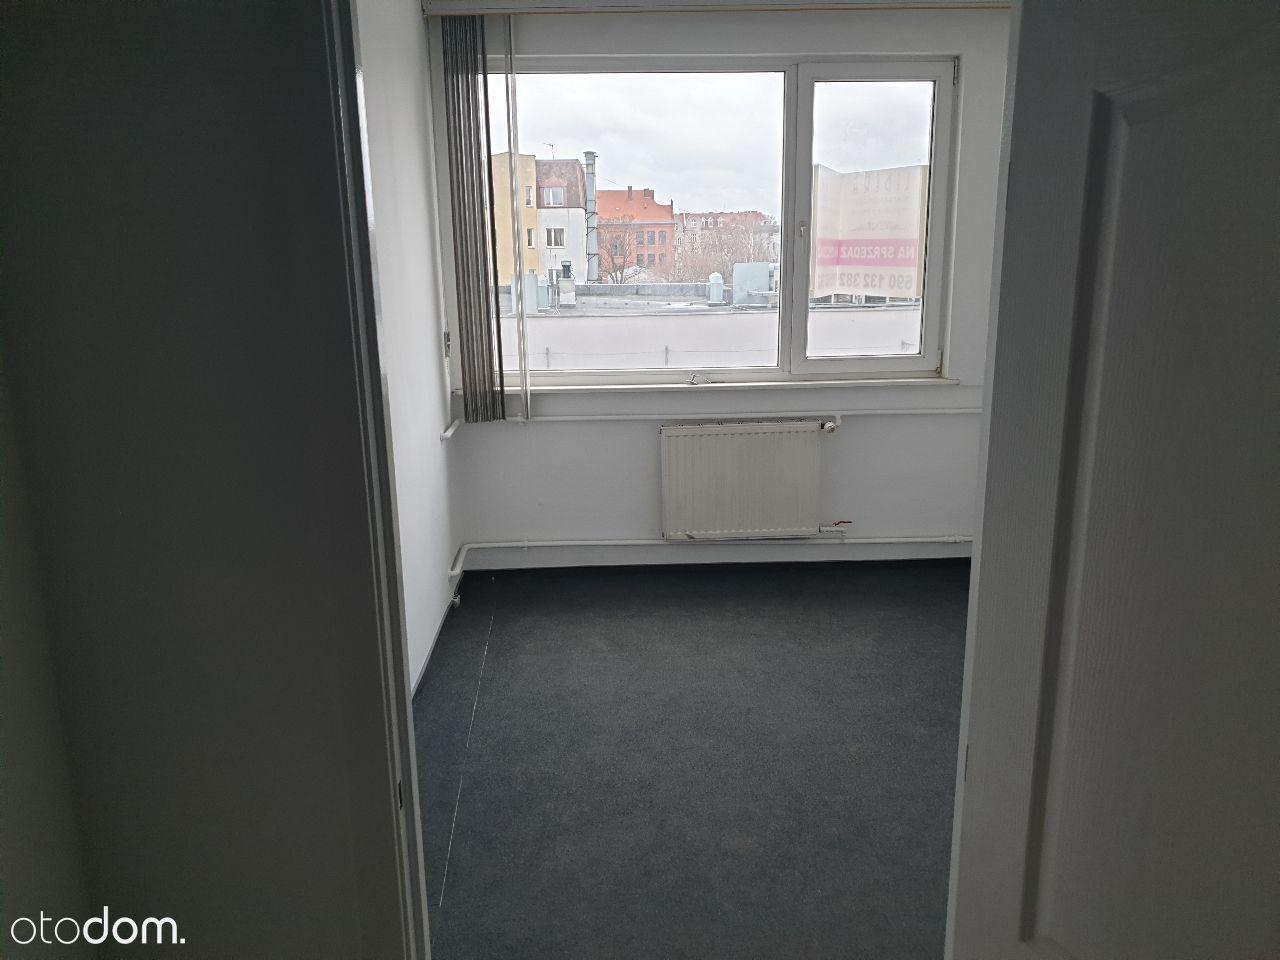 Lokal użytkowy na sprzedaż, Bydgoszcz, kujawsko-pomorskie - Foto 11